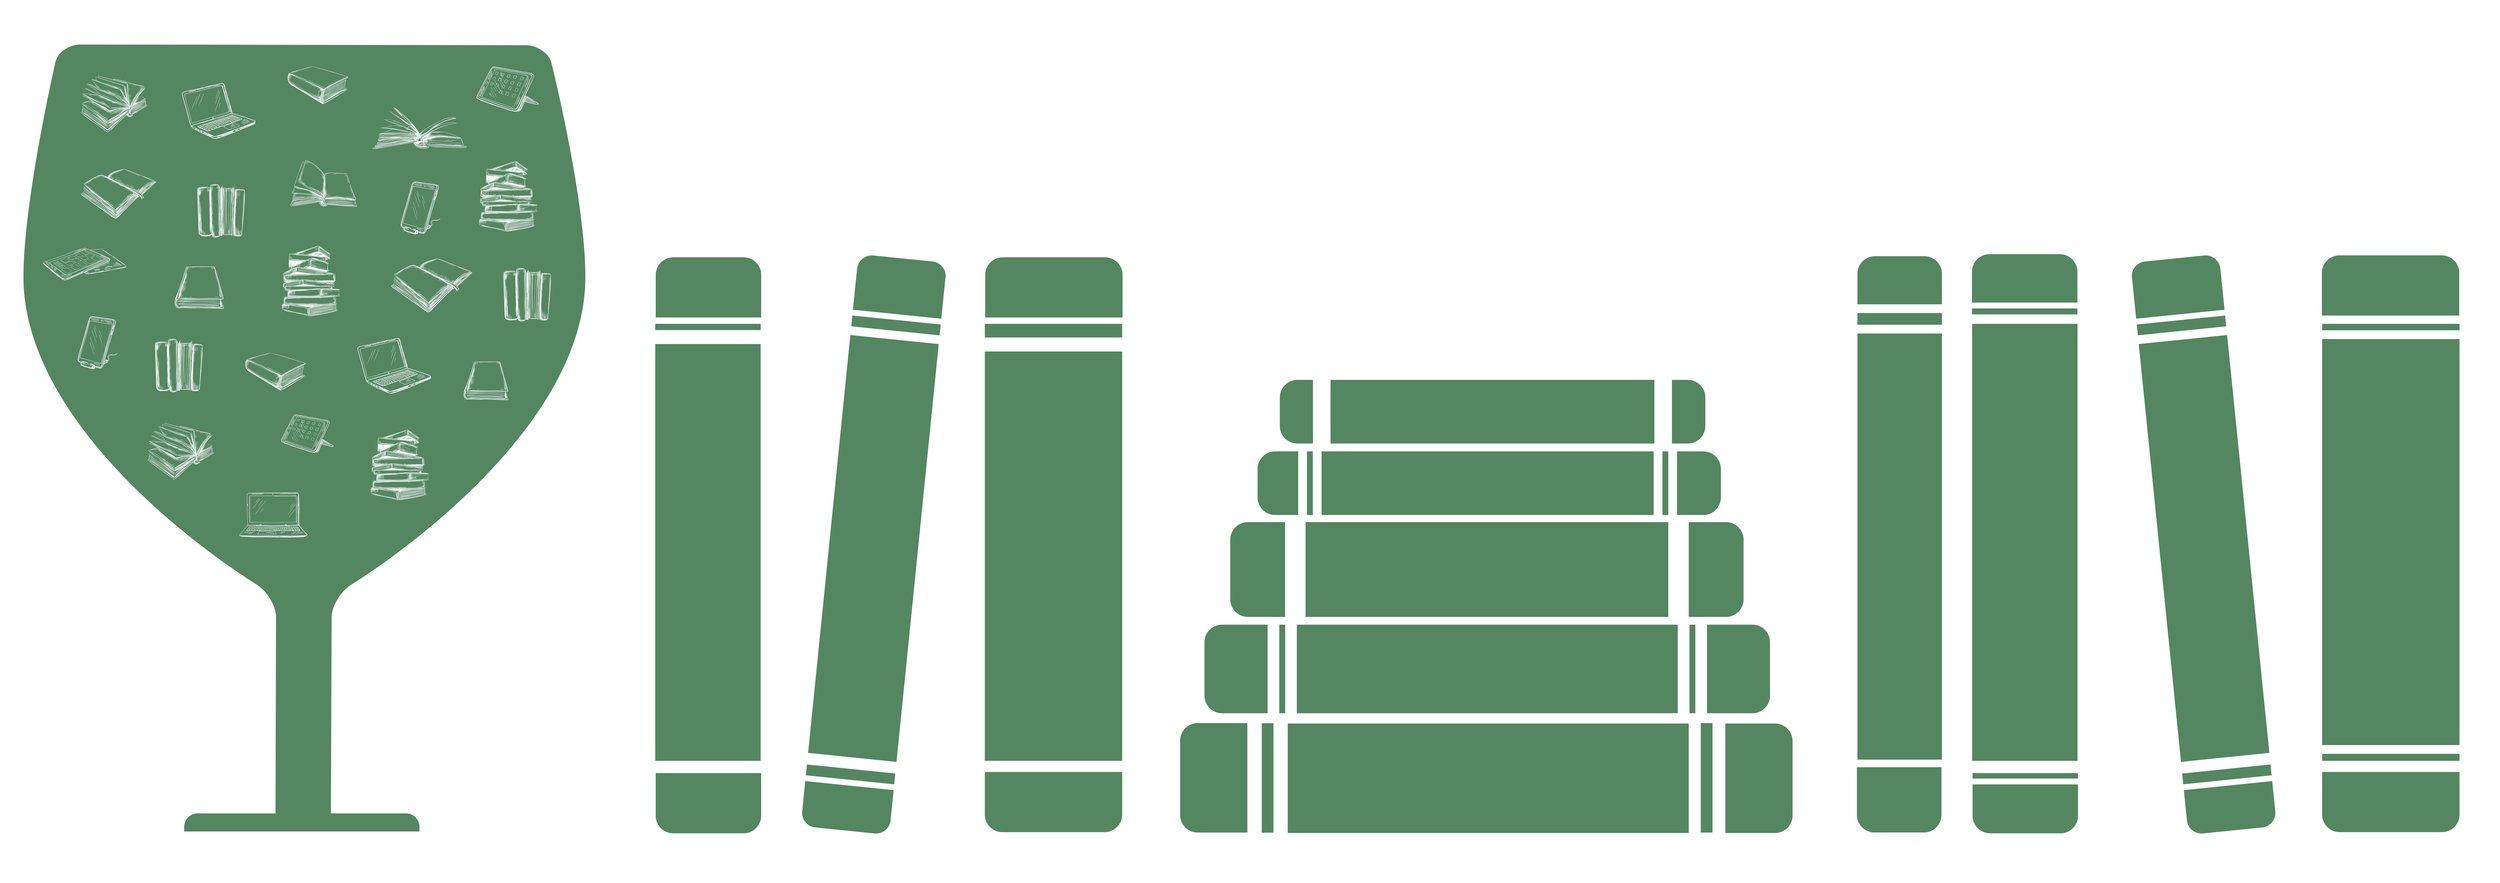 MRF banner - draft 2.jpg